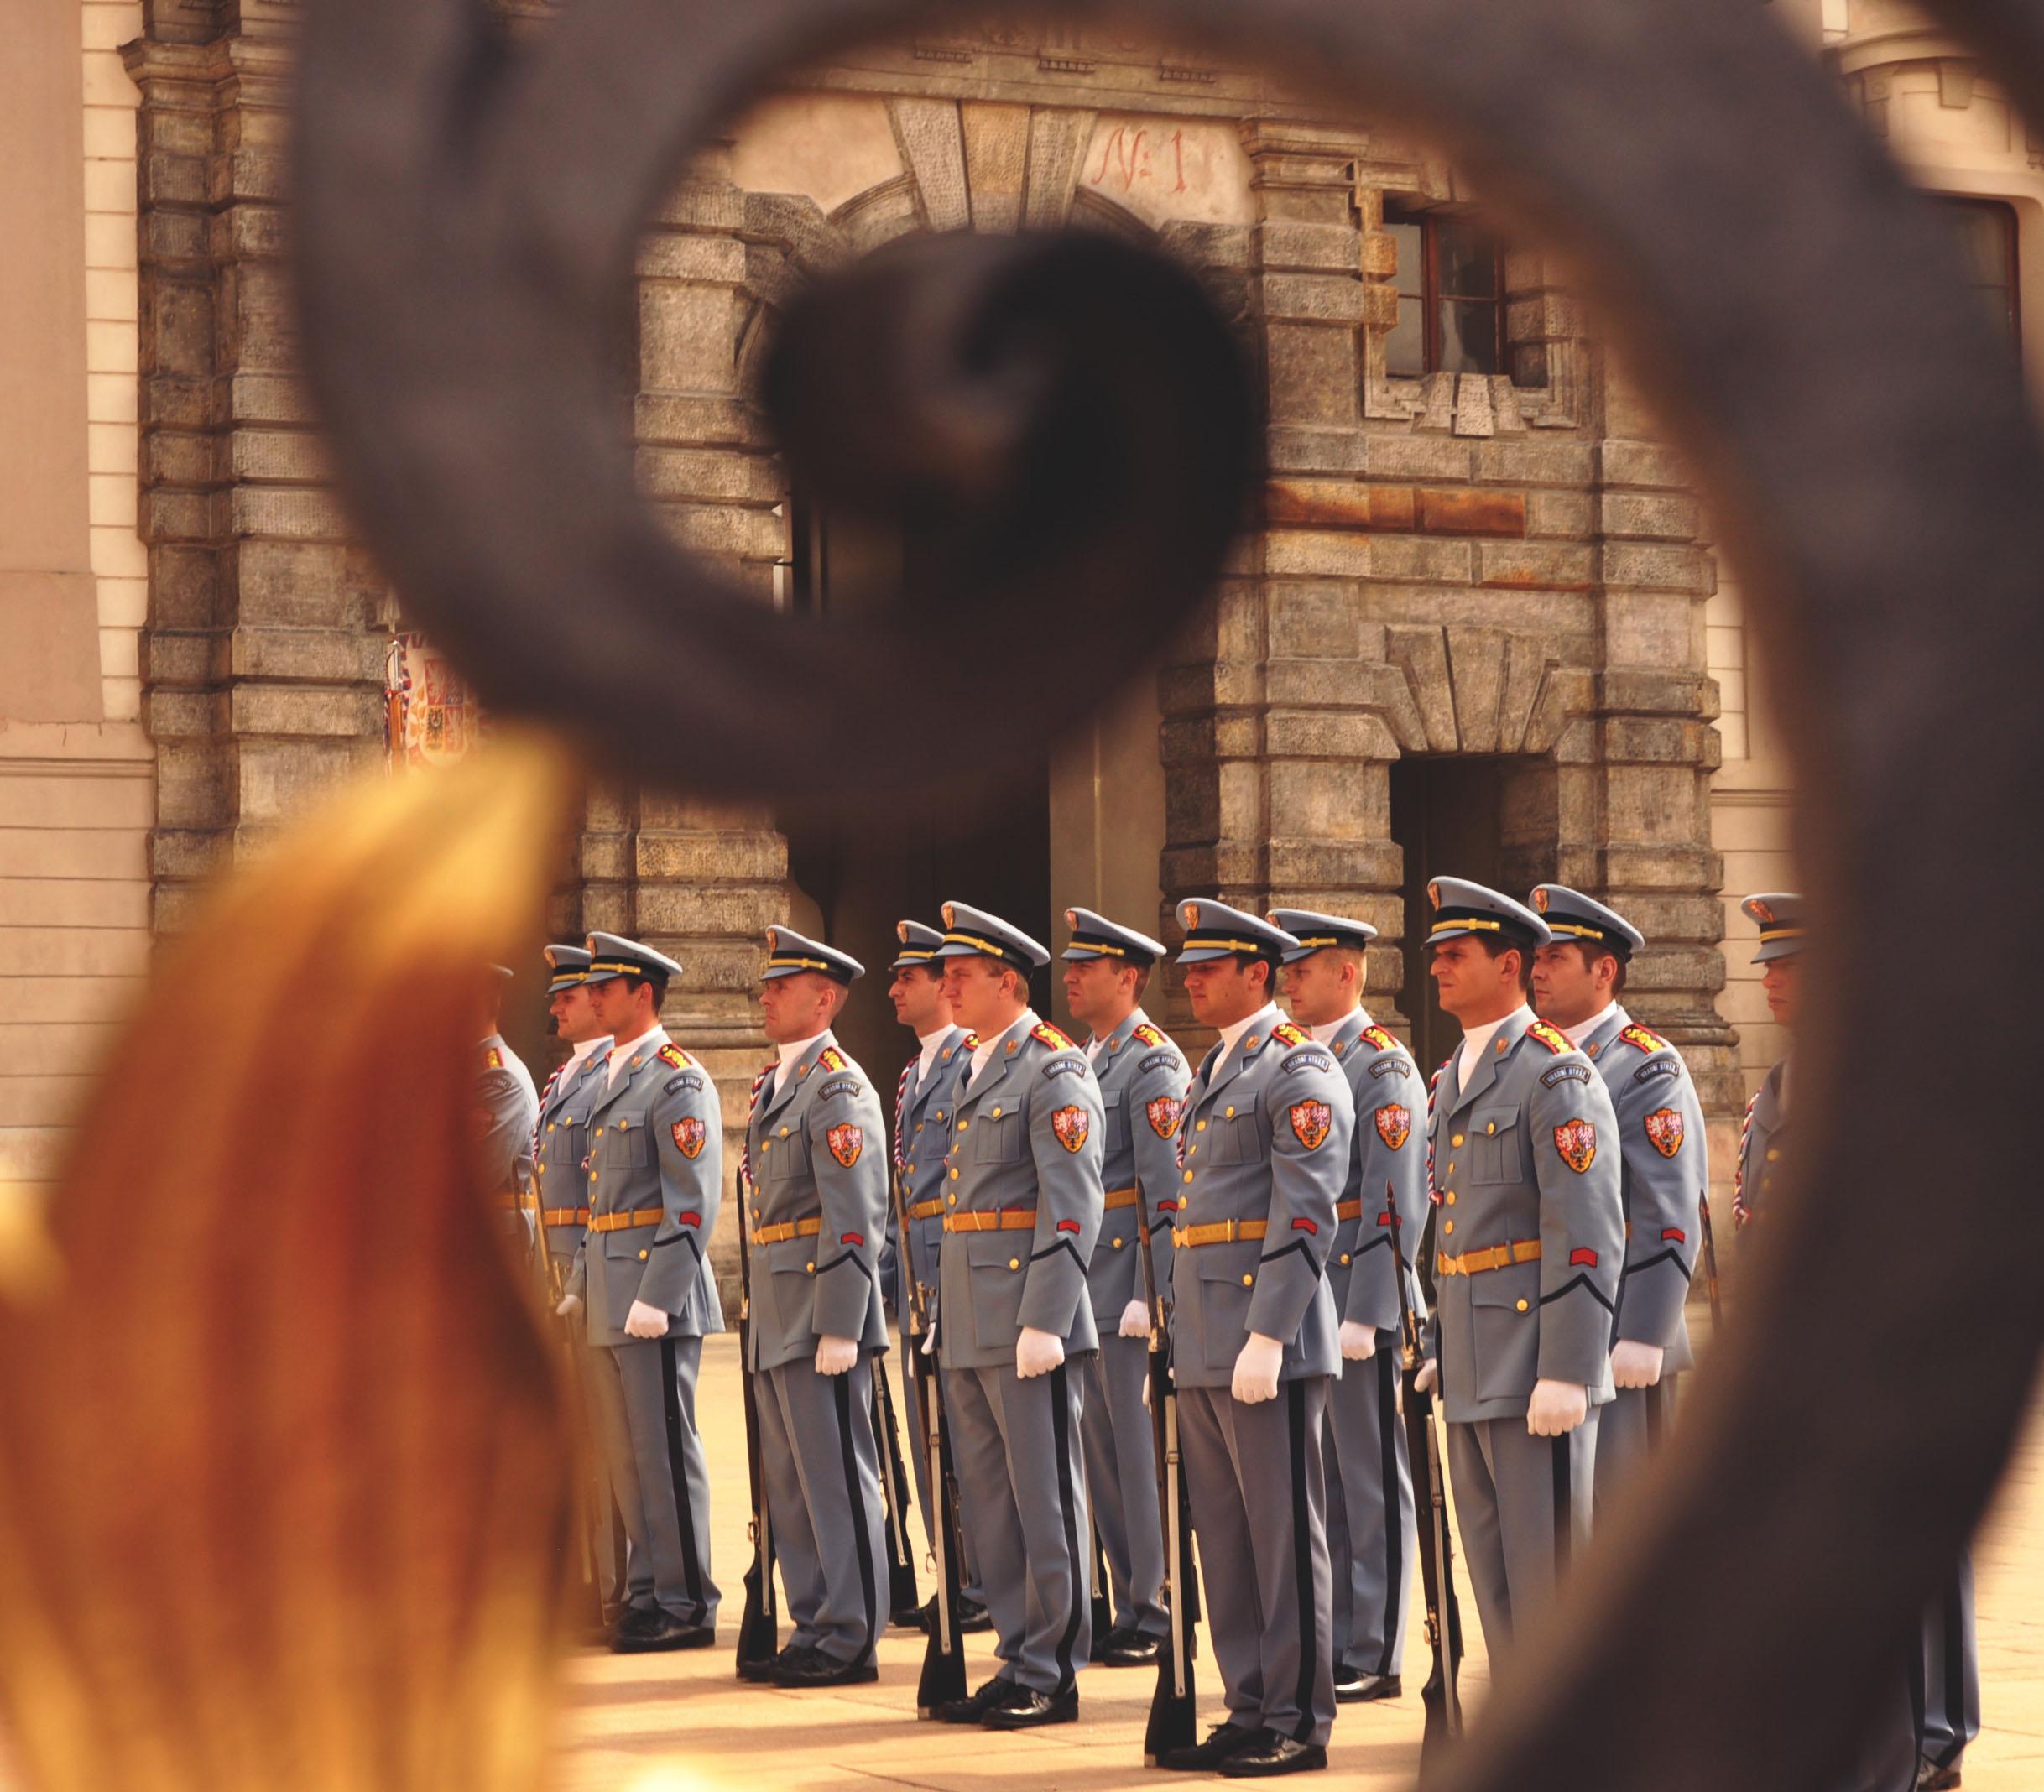 praha-castle-guards